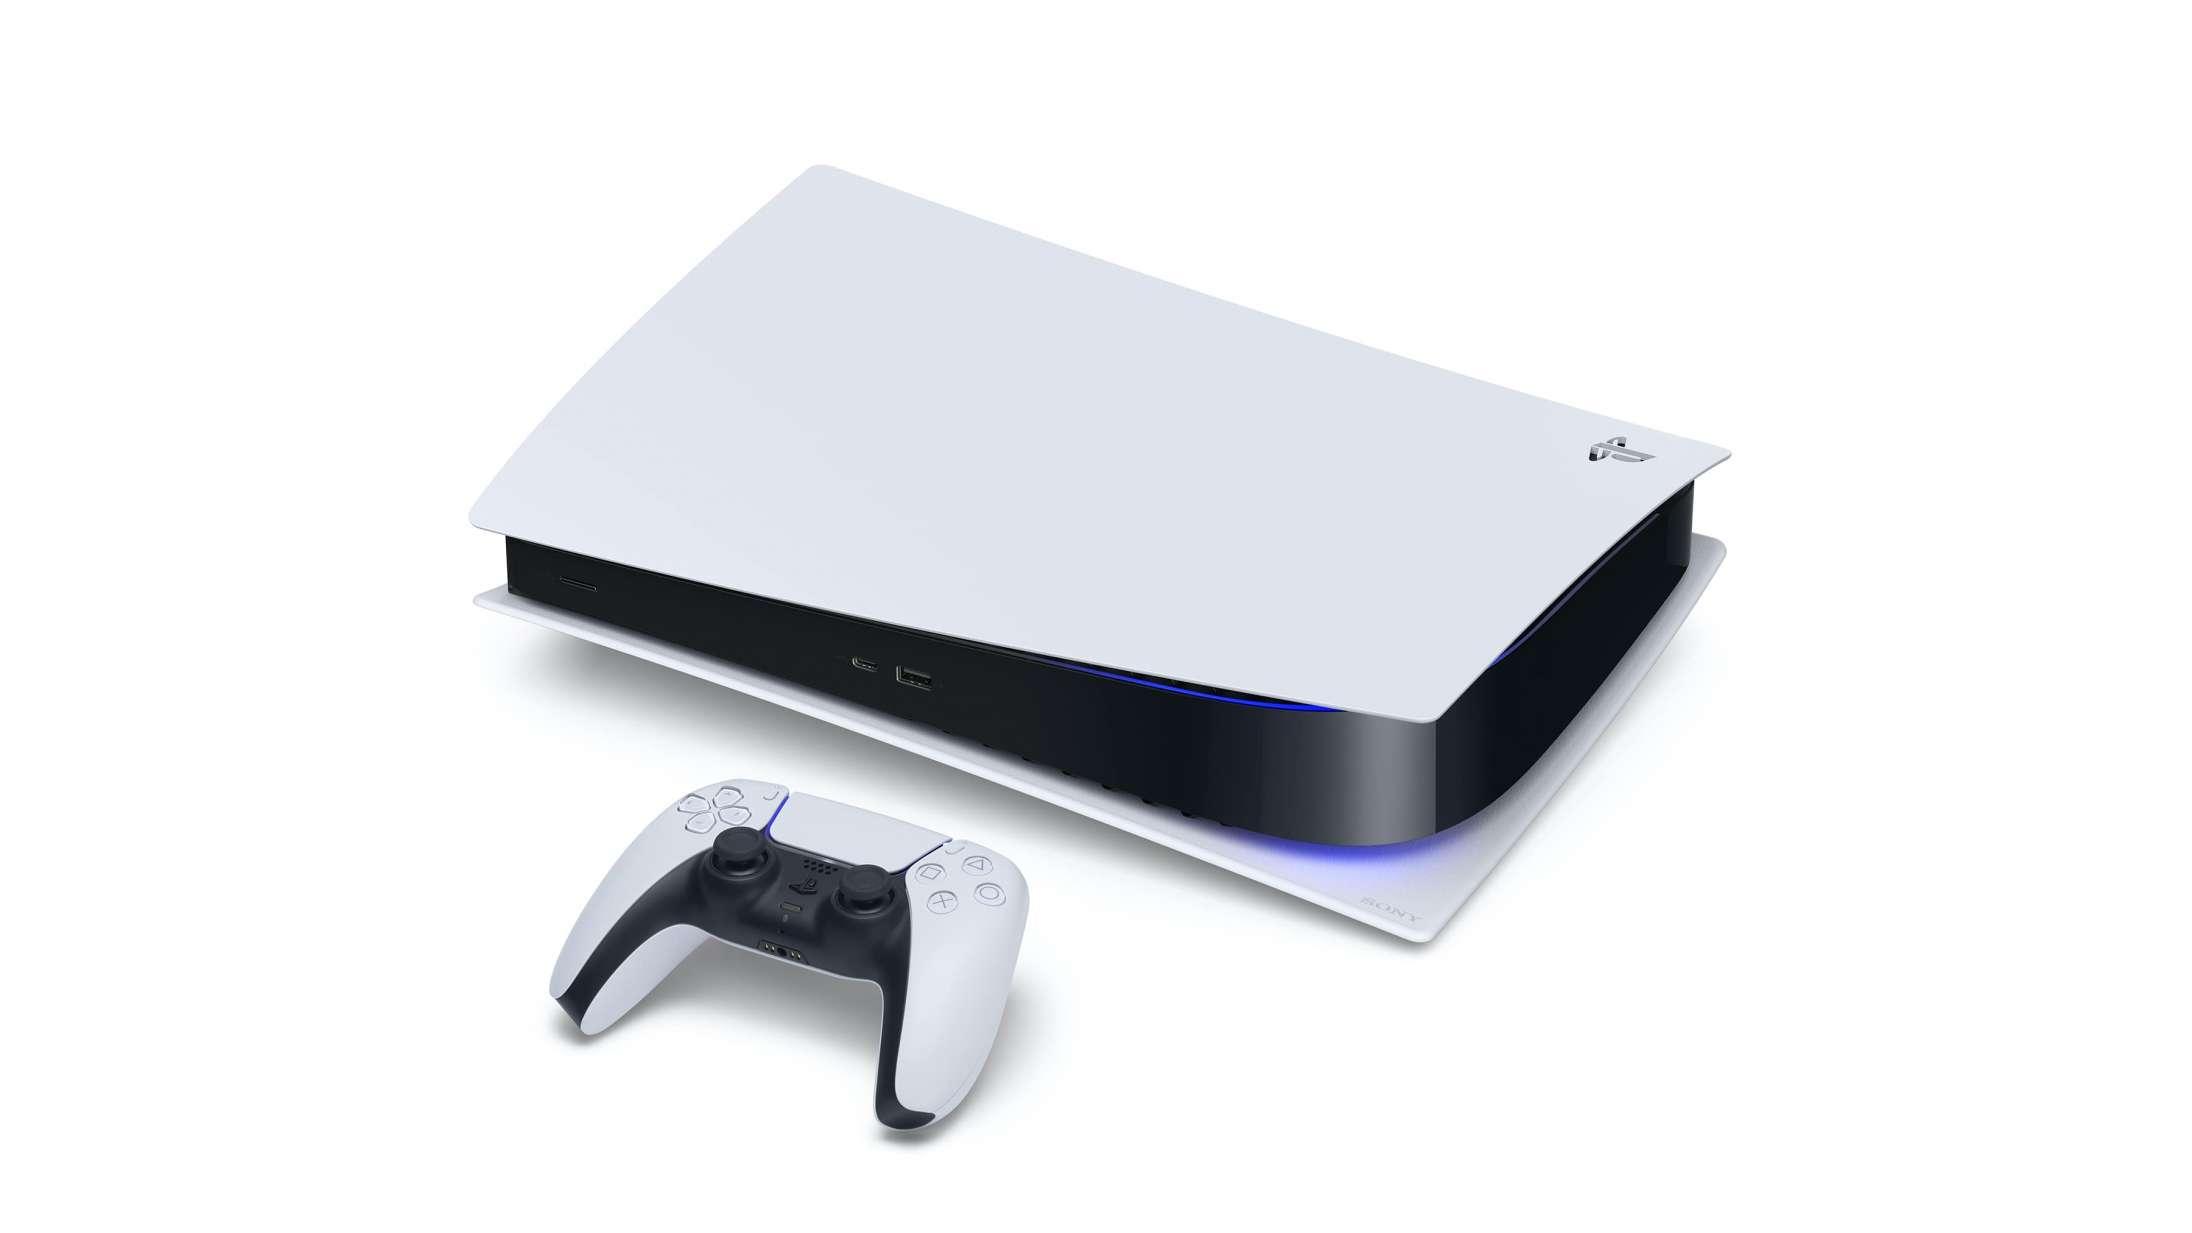 Du kan ikke købe en PlayStation 5 i danske butikker ved lanceringen